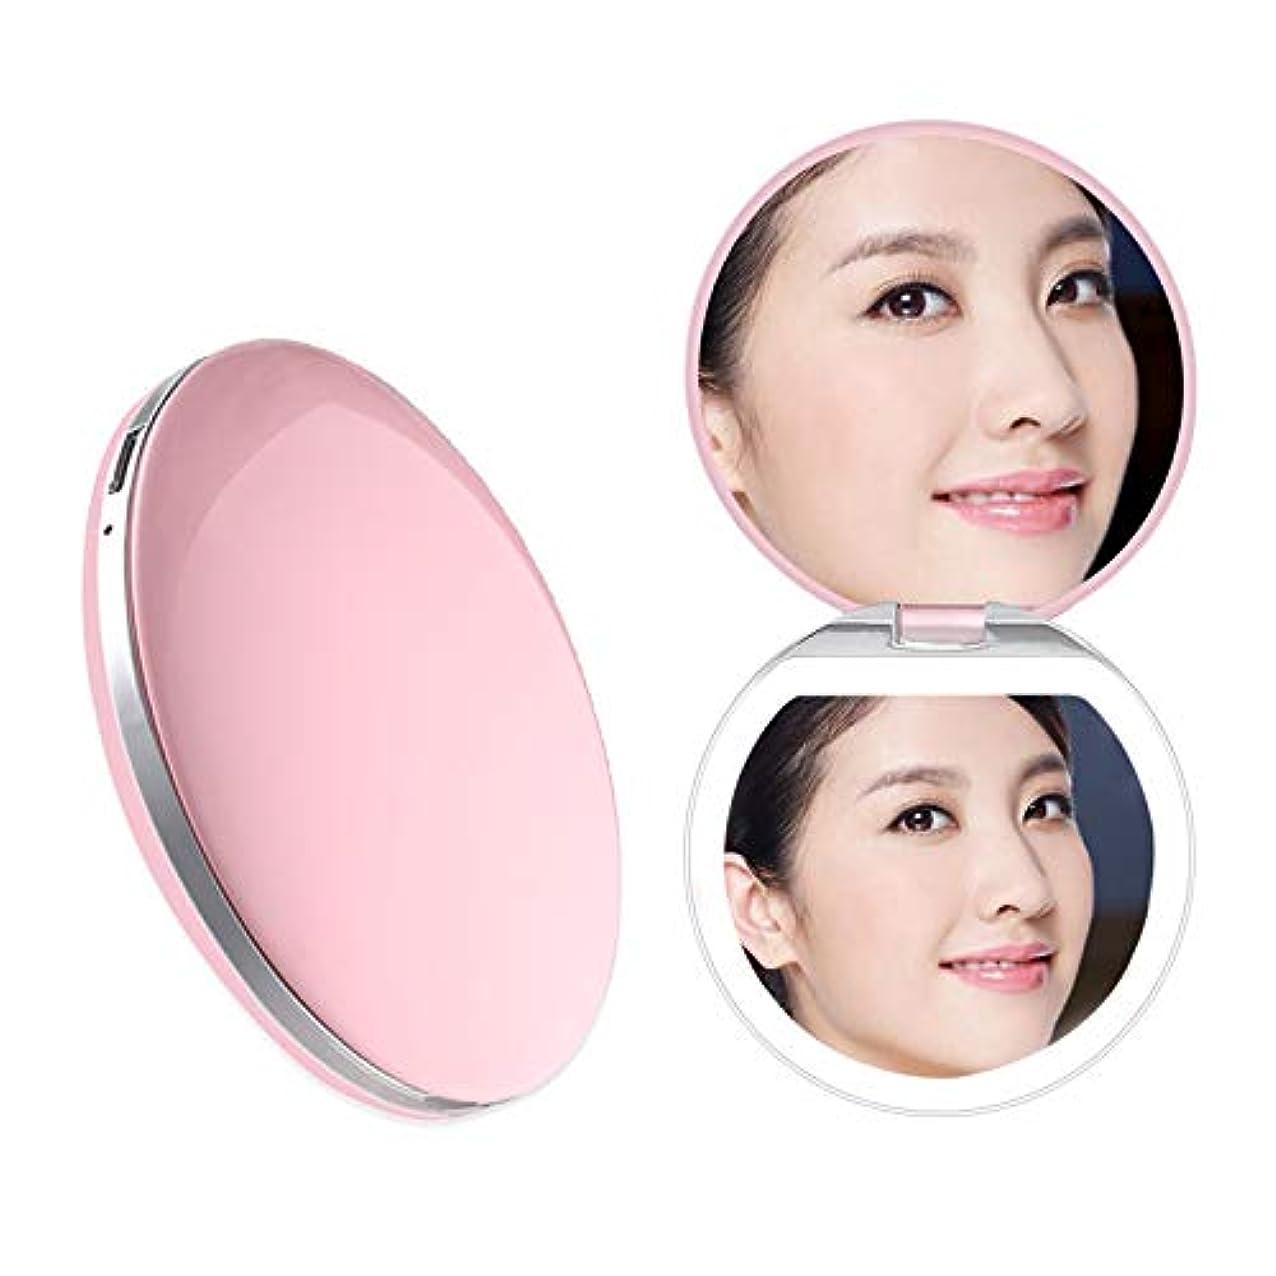 和解する鮫感じるHeartyfly 携帯ミラー 鏡 LED手鏡  二面鏡 折り畳み式化粧鏡 メイクアップミラー usb充電 3倍拡大 持ちやすい 便利 (ピンク)